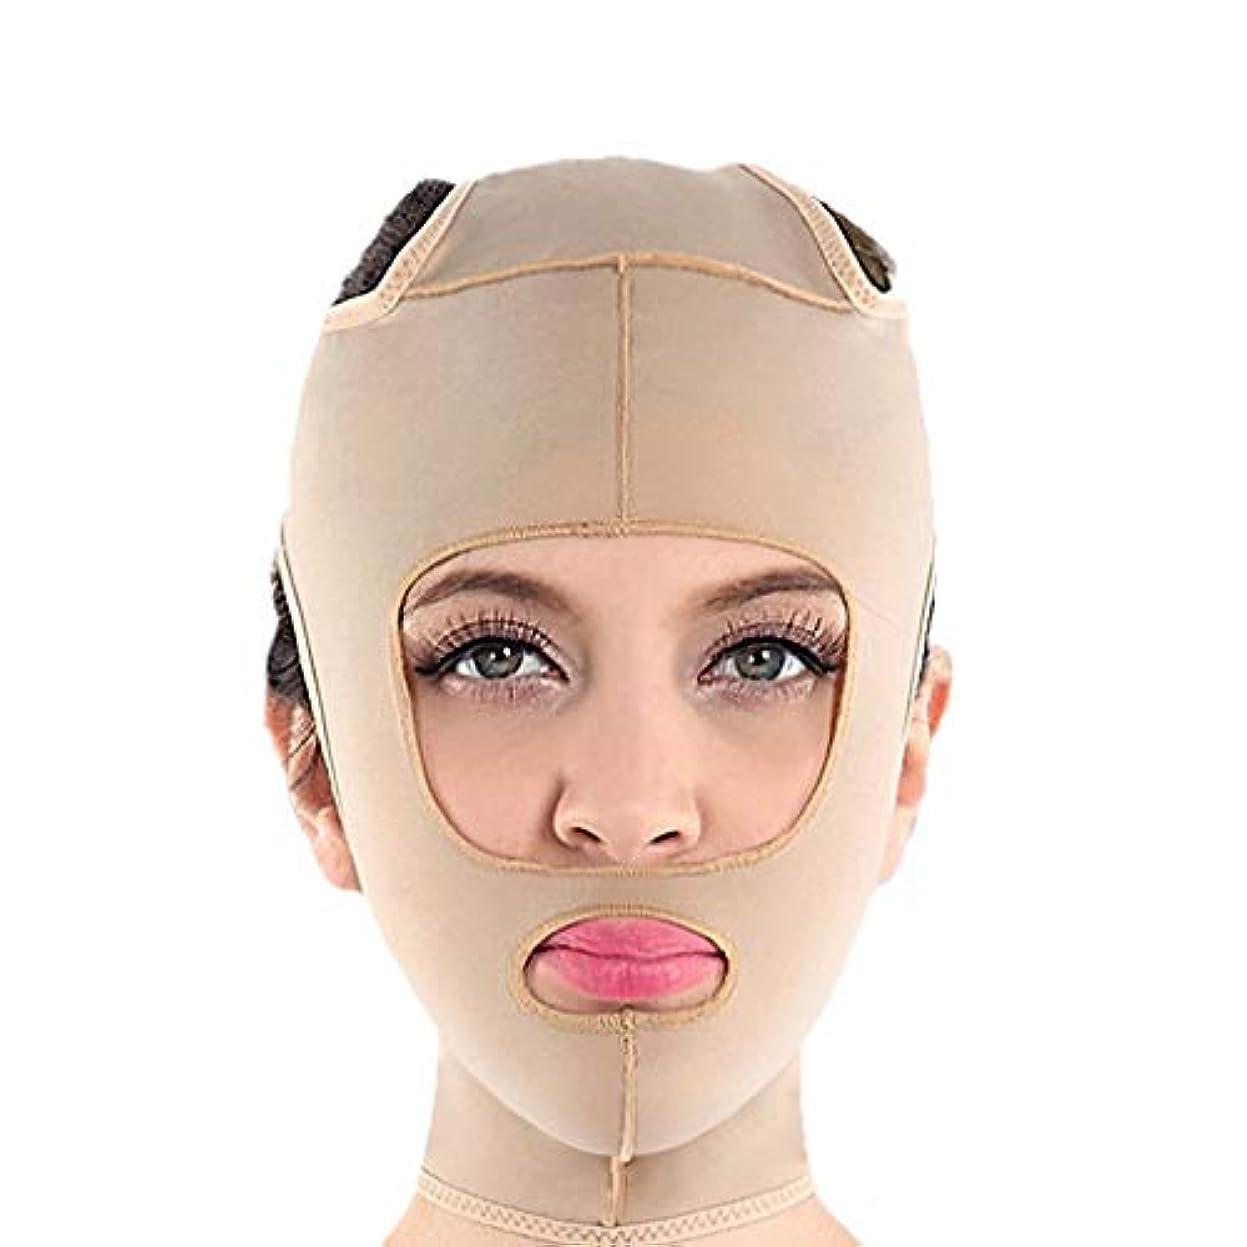 サイバースペースキリスト準備したフェイスリフティング、ダブルチンストラップ、フェイシャル減量マスク、ダブルチンを減らすリフティングヌードル、ファーミングフェイス、パワフルリフティングマスク (Size : S)